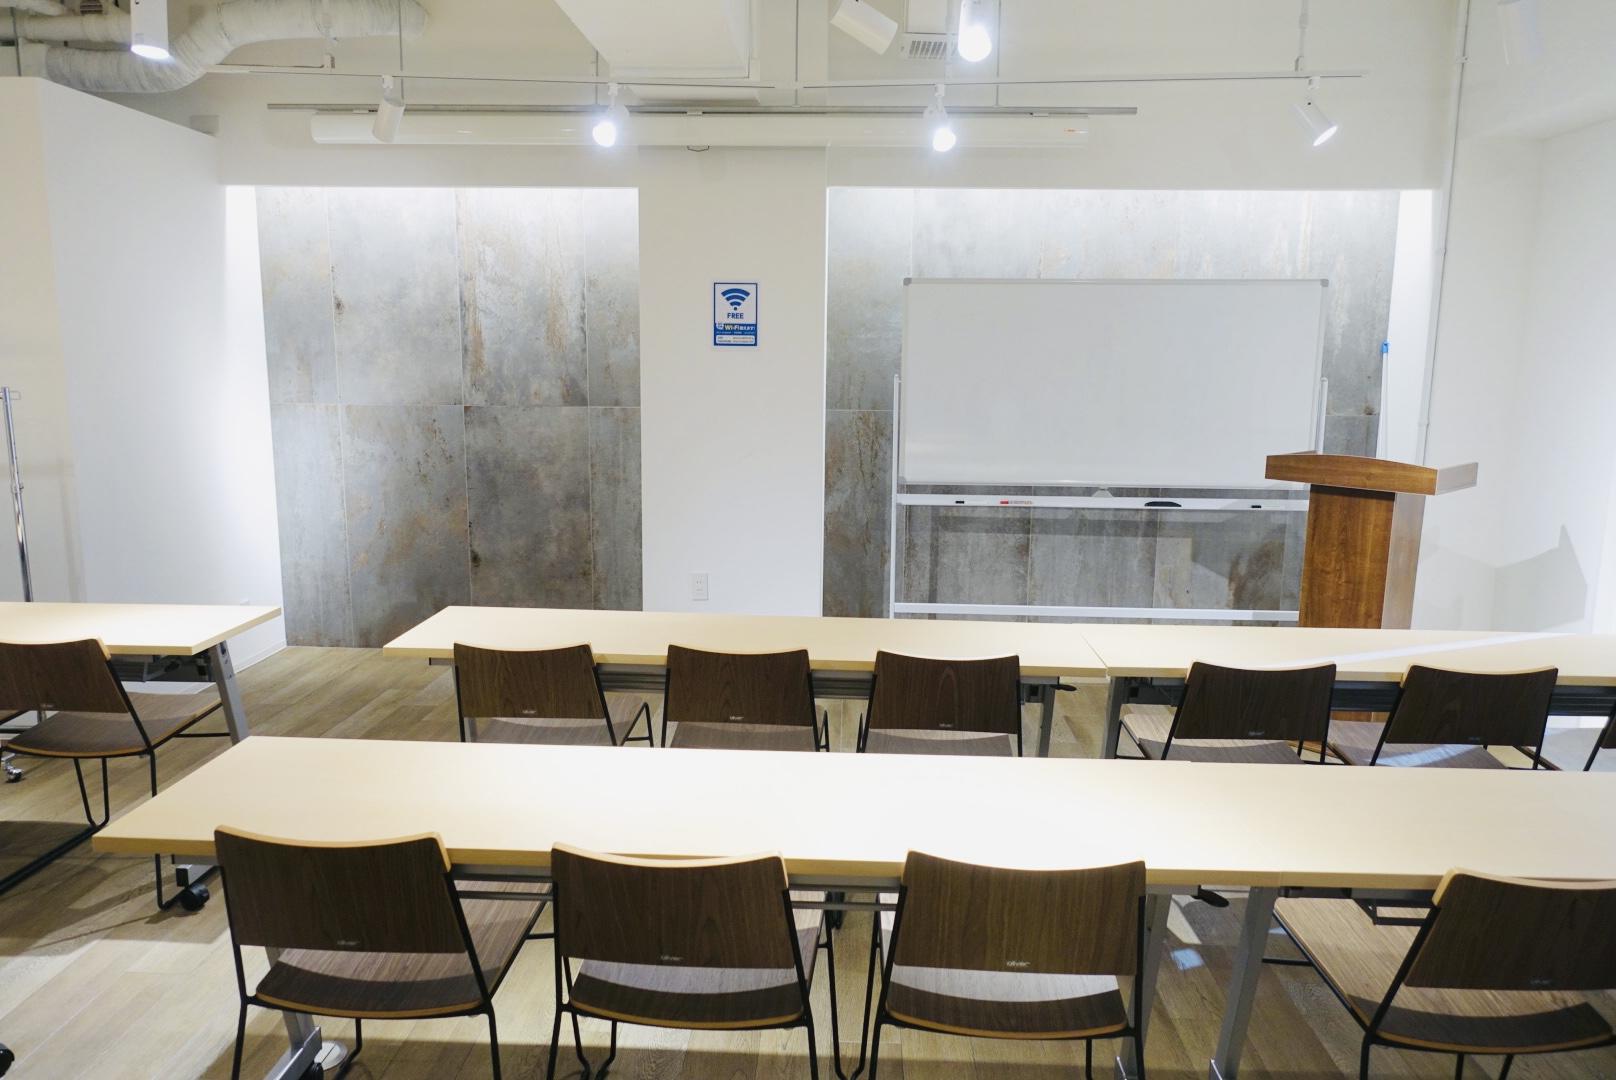 レンタルスペース「スペースマーケット会議室 ーT's南森町3Fー」の画像7